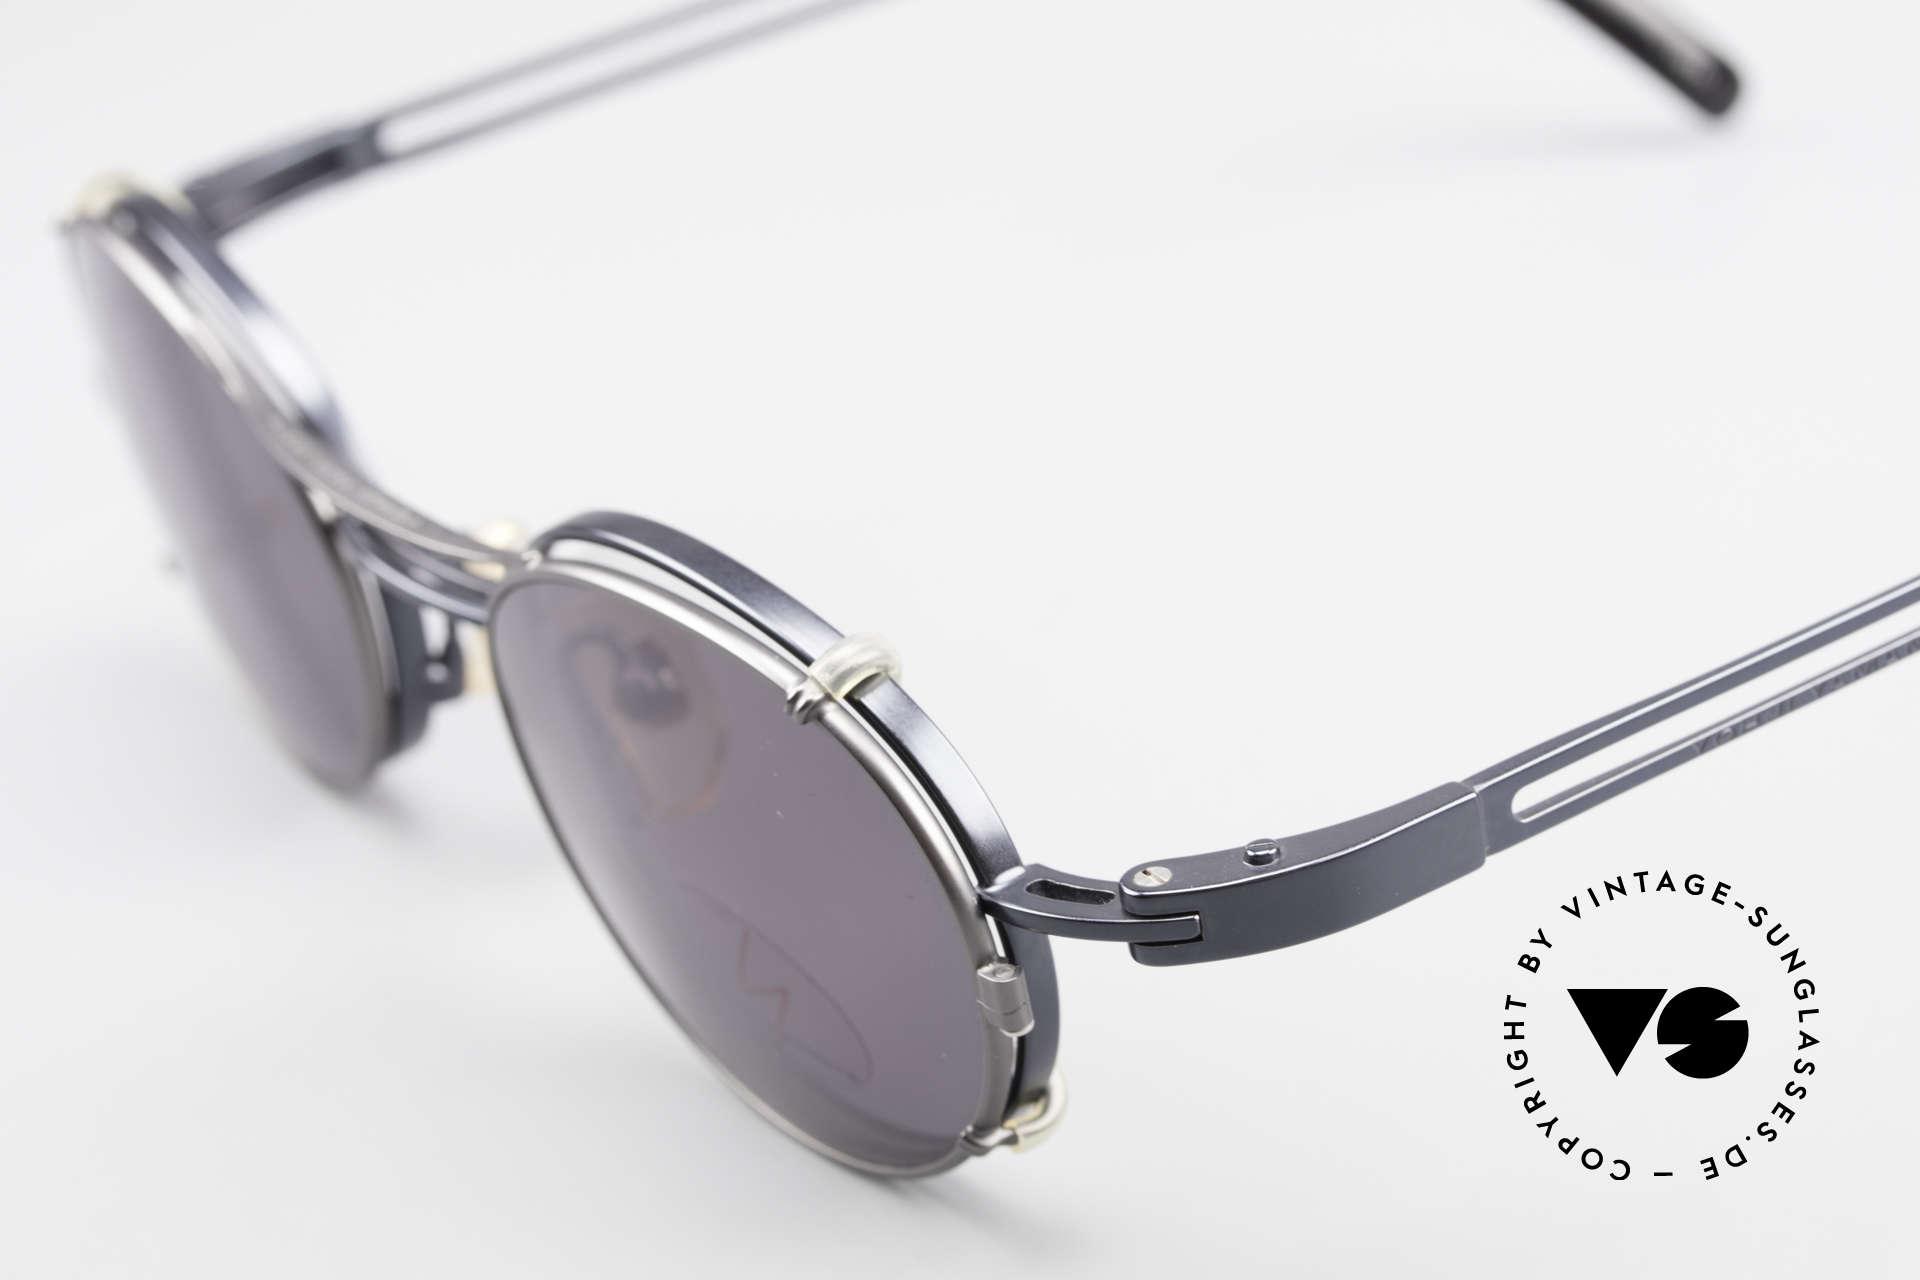 Yohji Yamamoto 51-6106 Clip On Brille Oval Blau Metall, ungetragen (wie alle unsere vintage Qualitätsbrillen), Passend für Herren und Damen